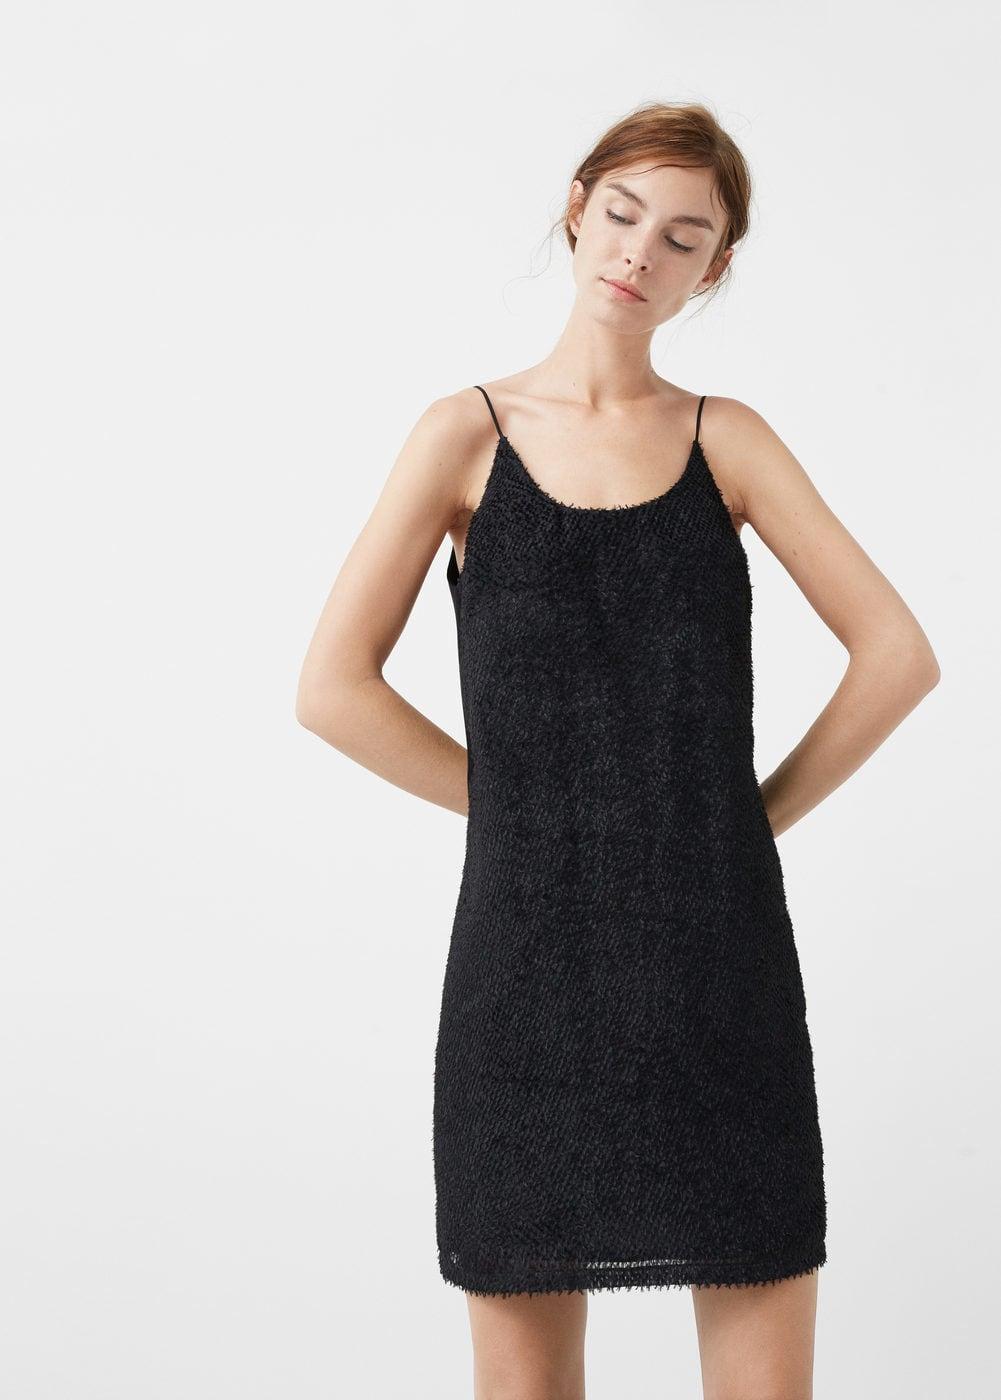 Vestidos Lenceros que podrás encontrar en Rebajas - vestido lencero